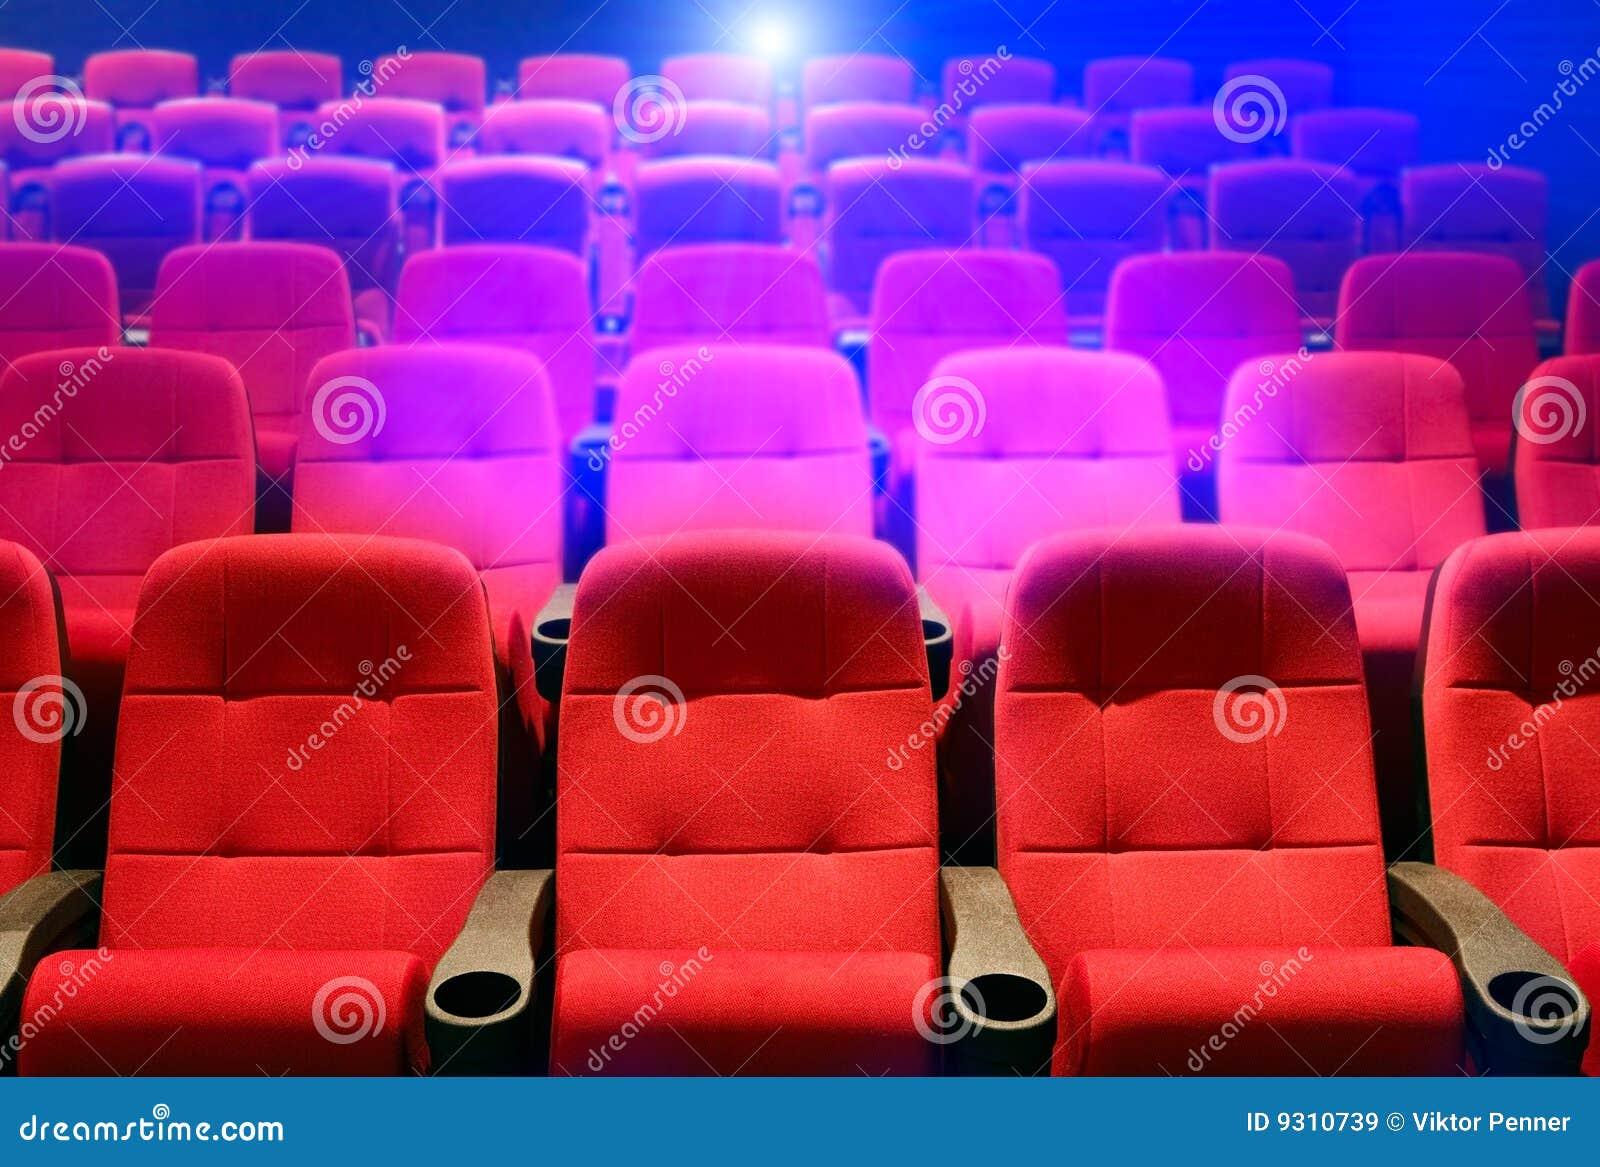 Rijen van theaterzetels